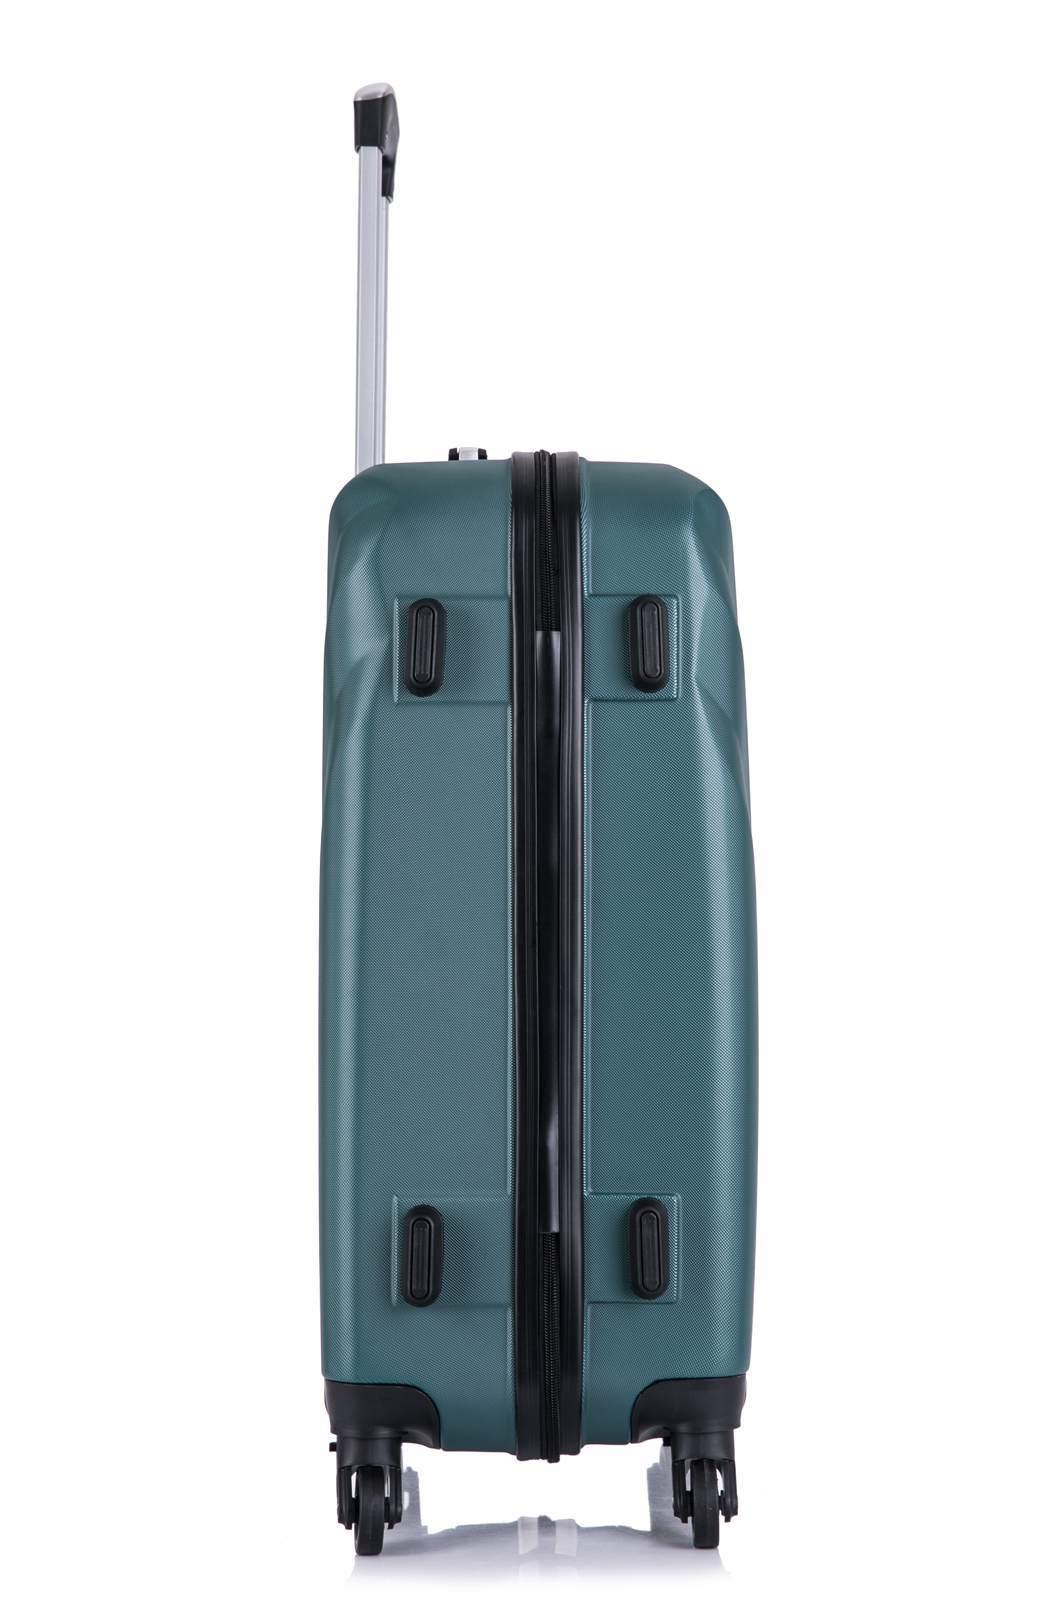 Чемодан со съемными колесами L'case Phuket-20 Темно-зеленый ручная кладь (S+)